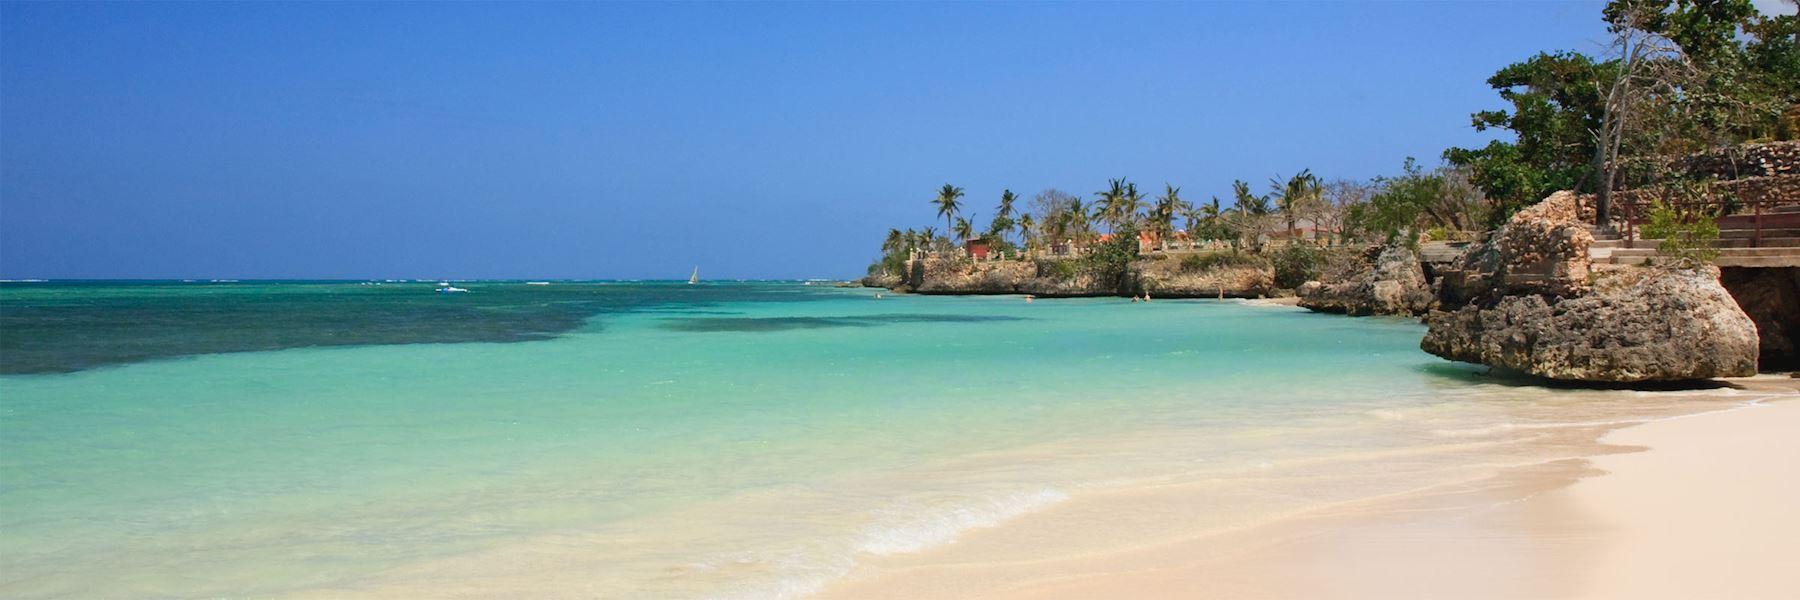 Visit Guardalavaca, Cuba